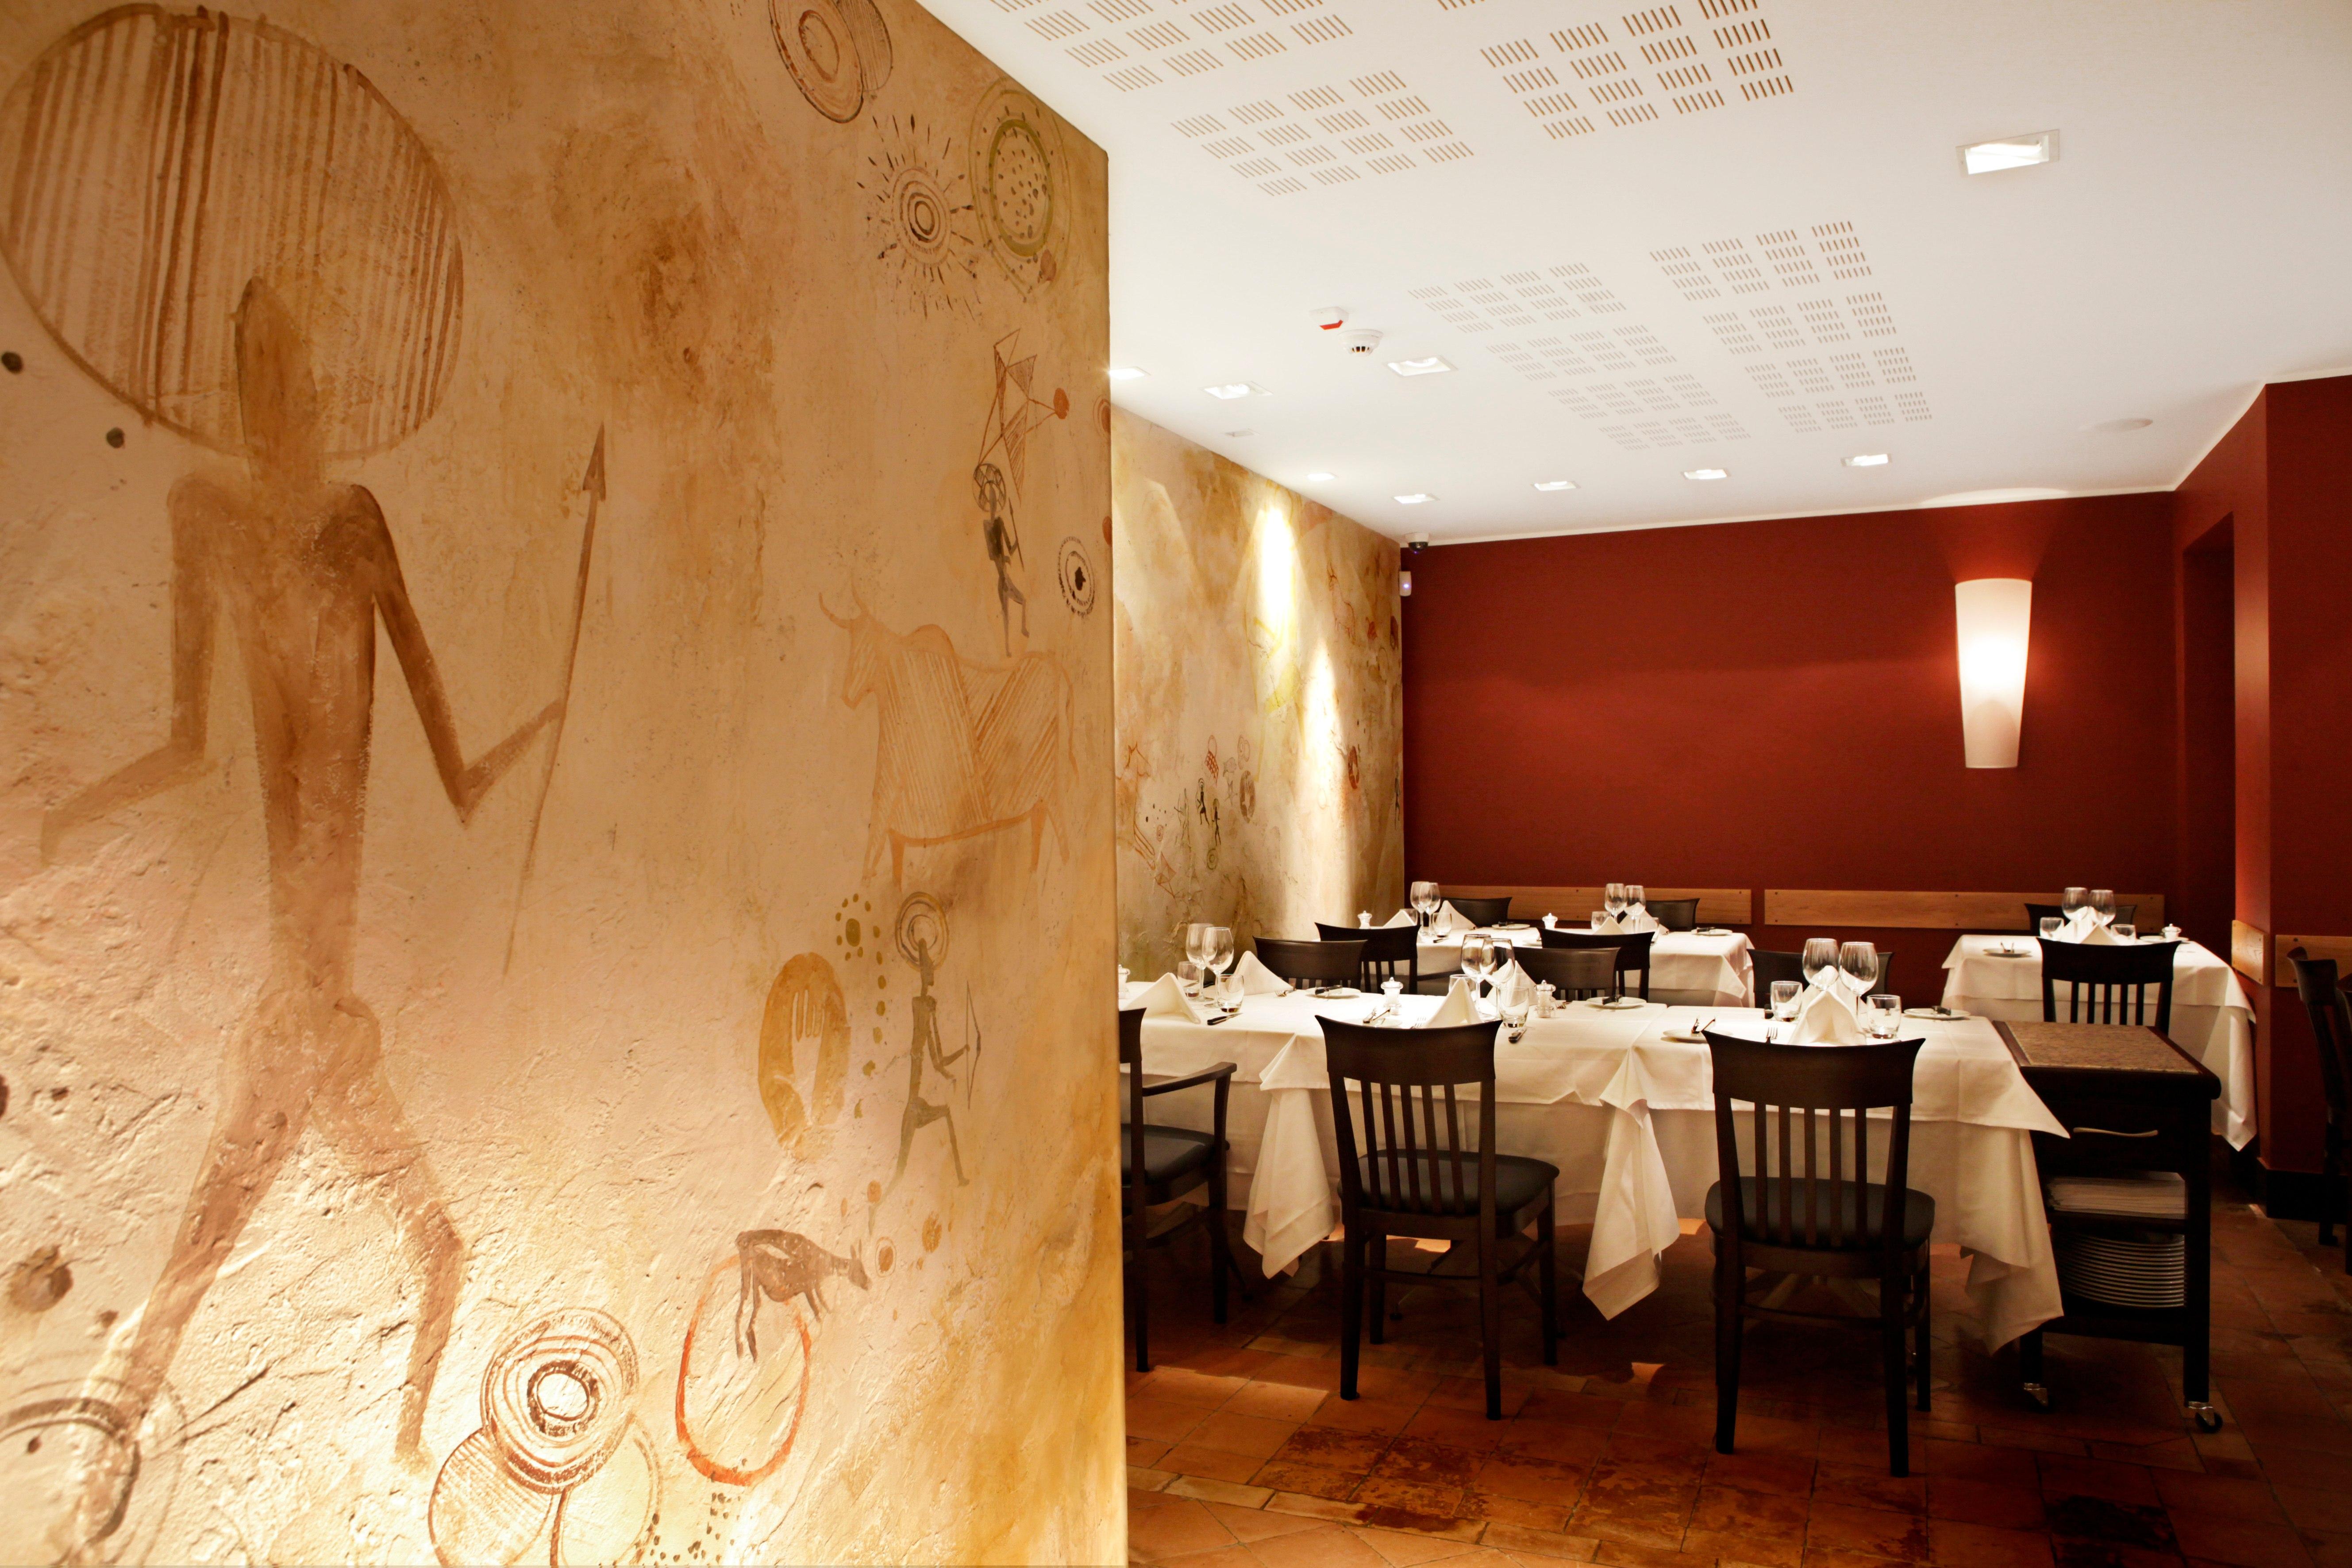 Ecco alcune decorazioni ispirate alle incisioni rupestri realizzate da Mariani Affreschi per gli interni del nuovo ristorante Barbacoa di Milano